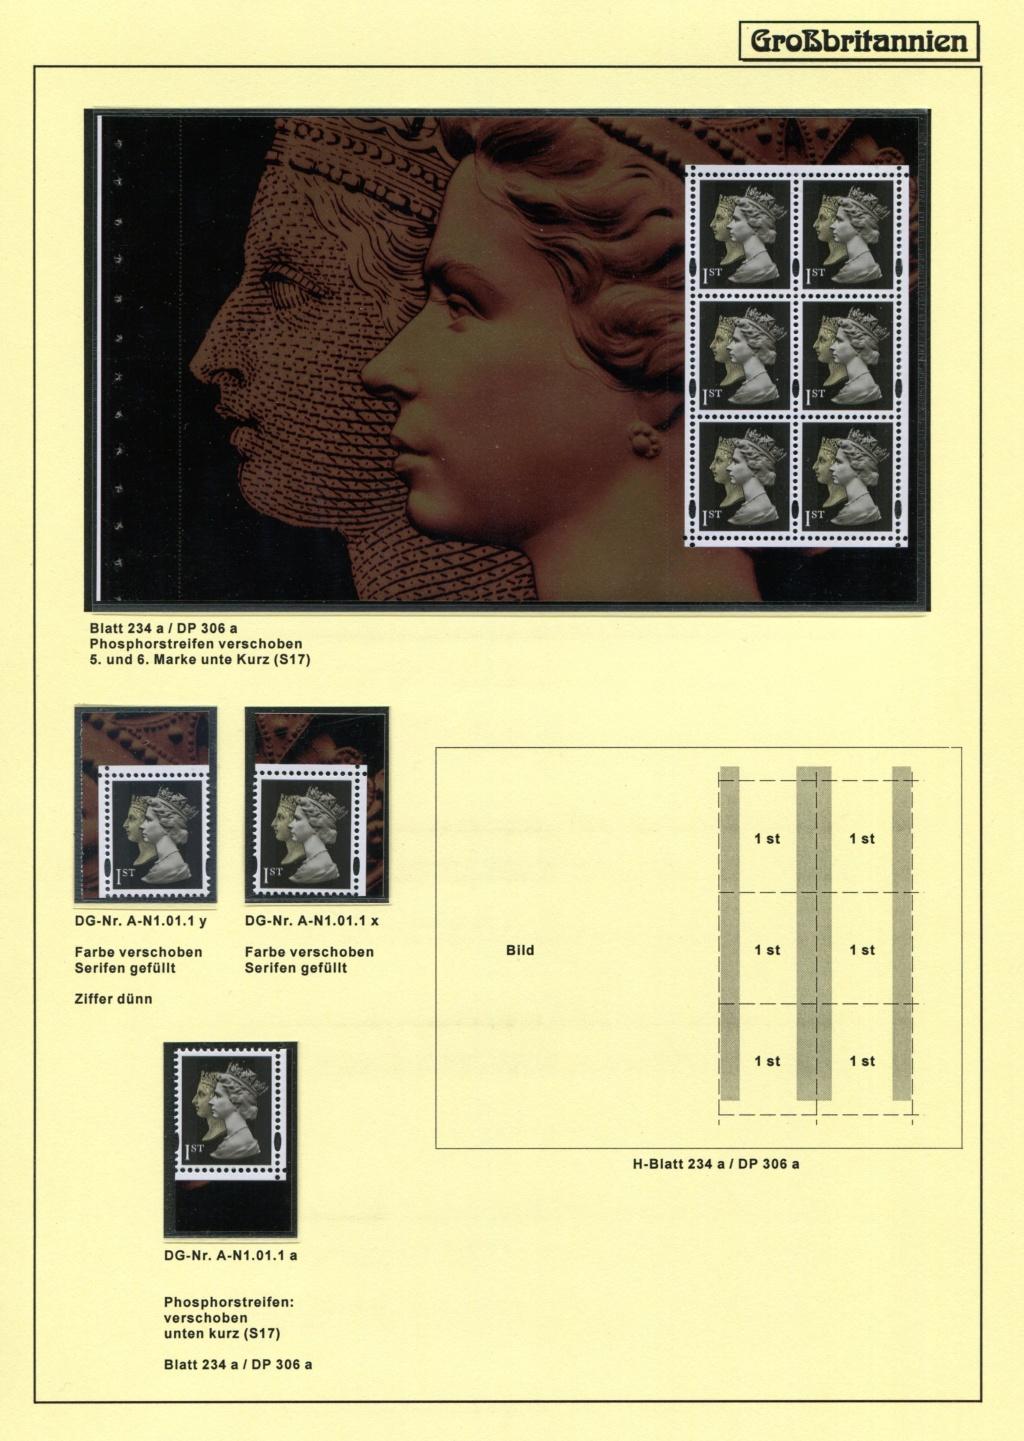 Großbritannien - 150 Jahre Briefmarken Black_64